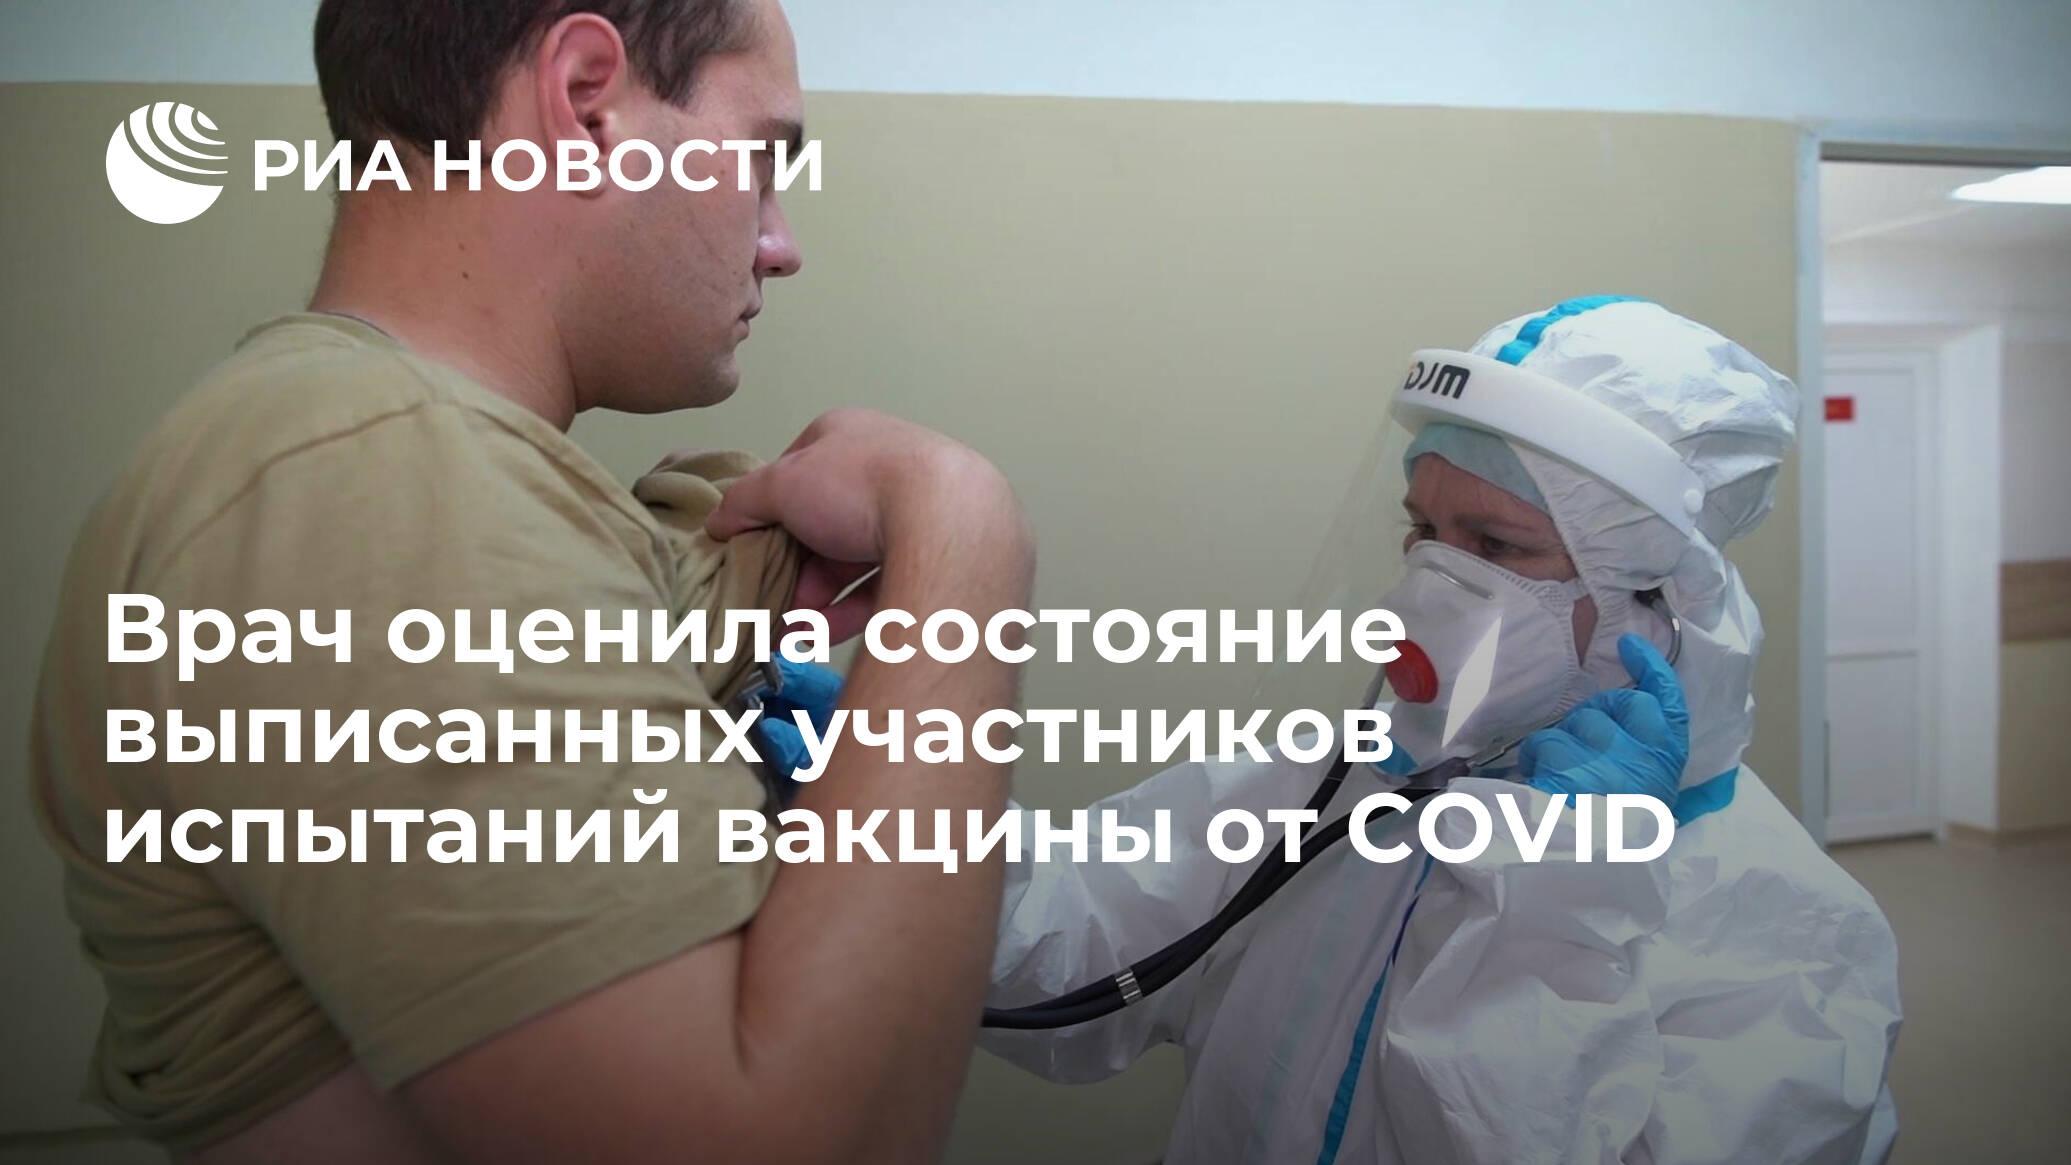 Врач оценила состояние выписанных участников испытаний вакцины от COVID